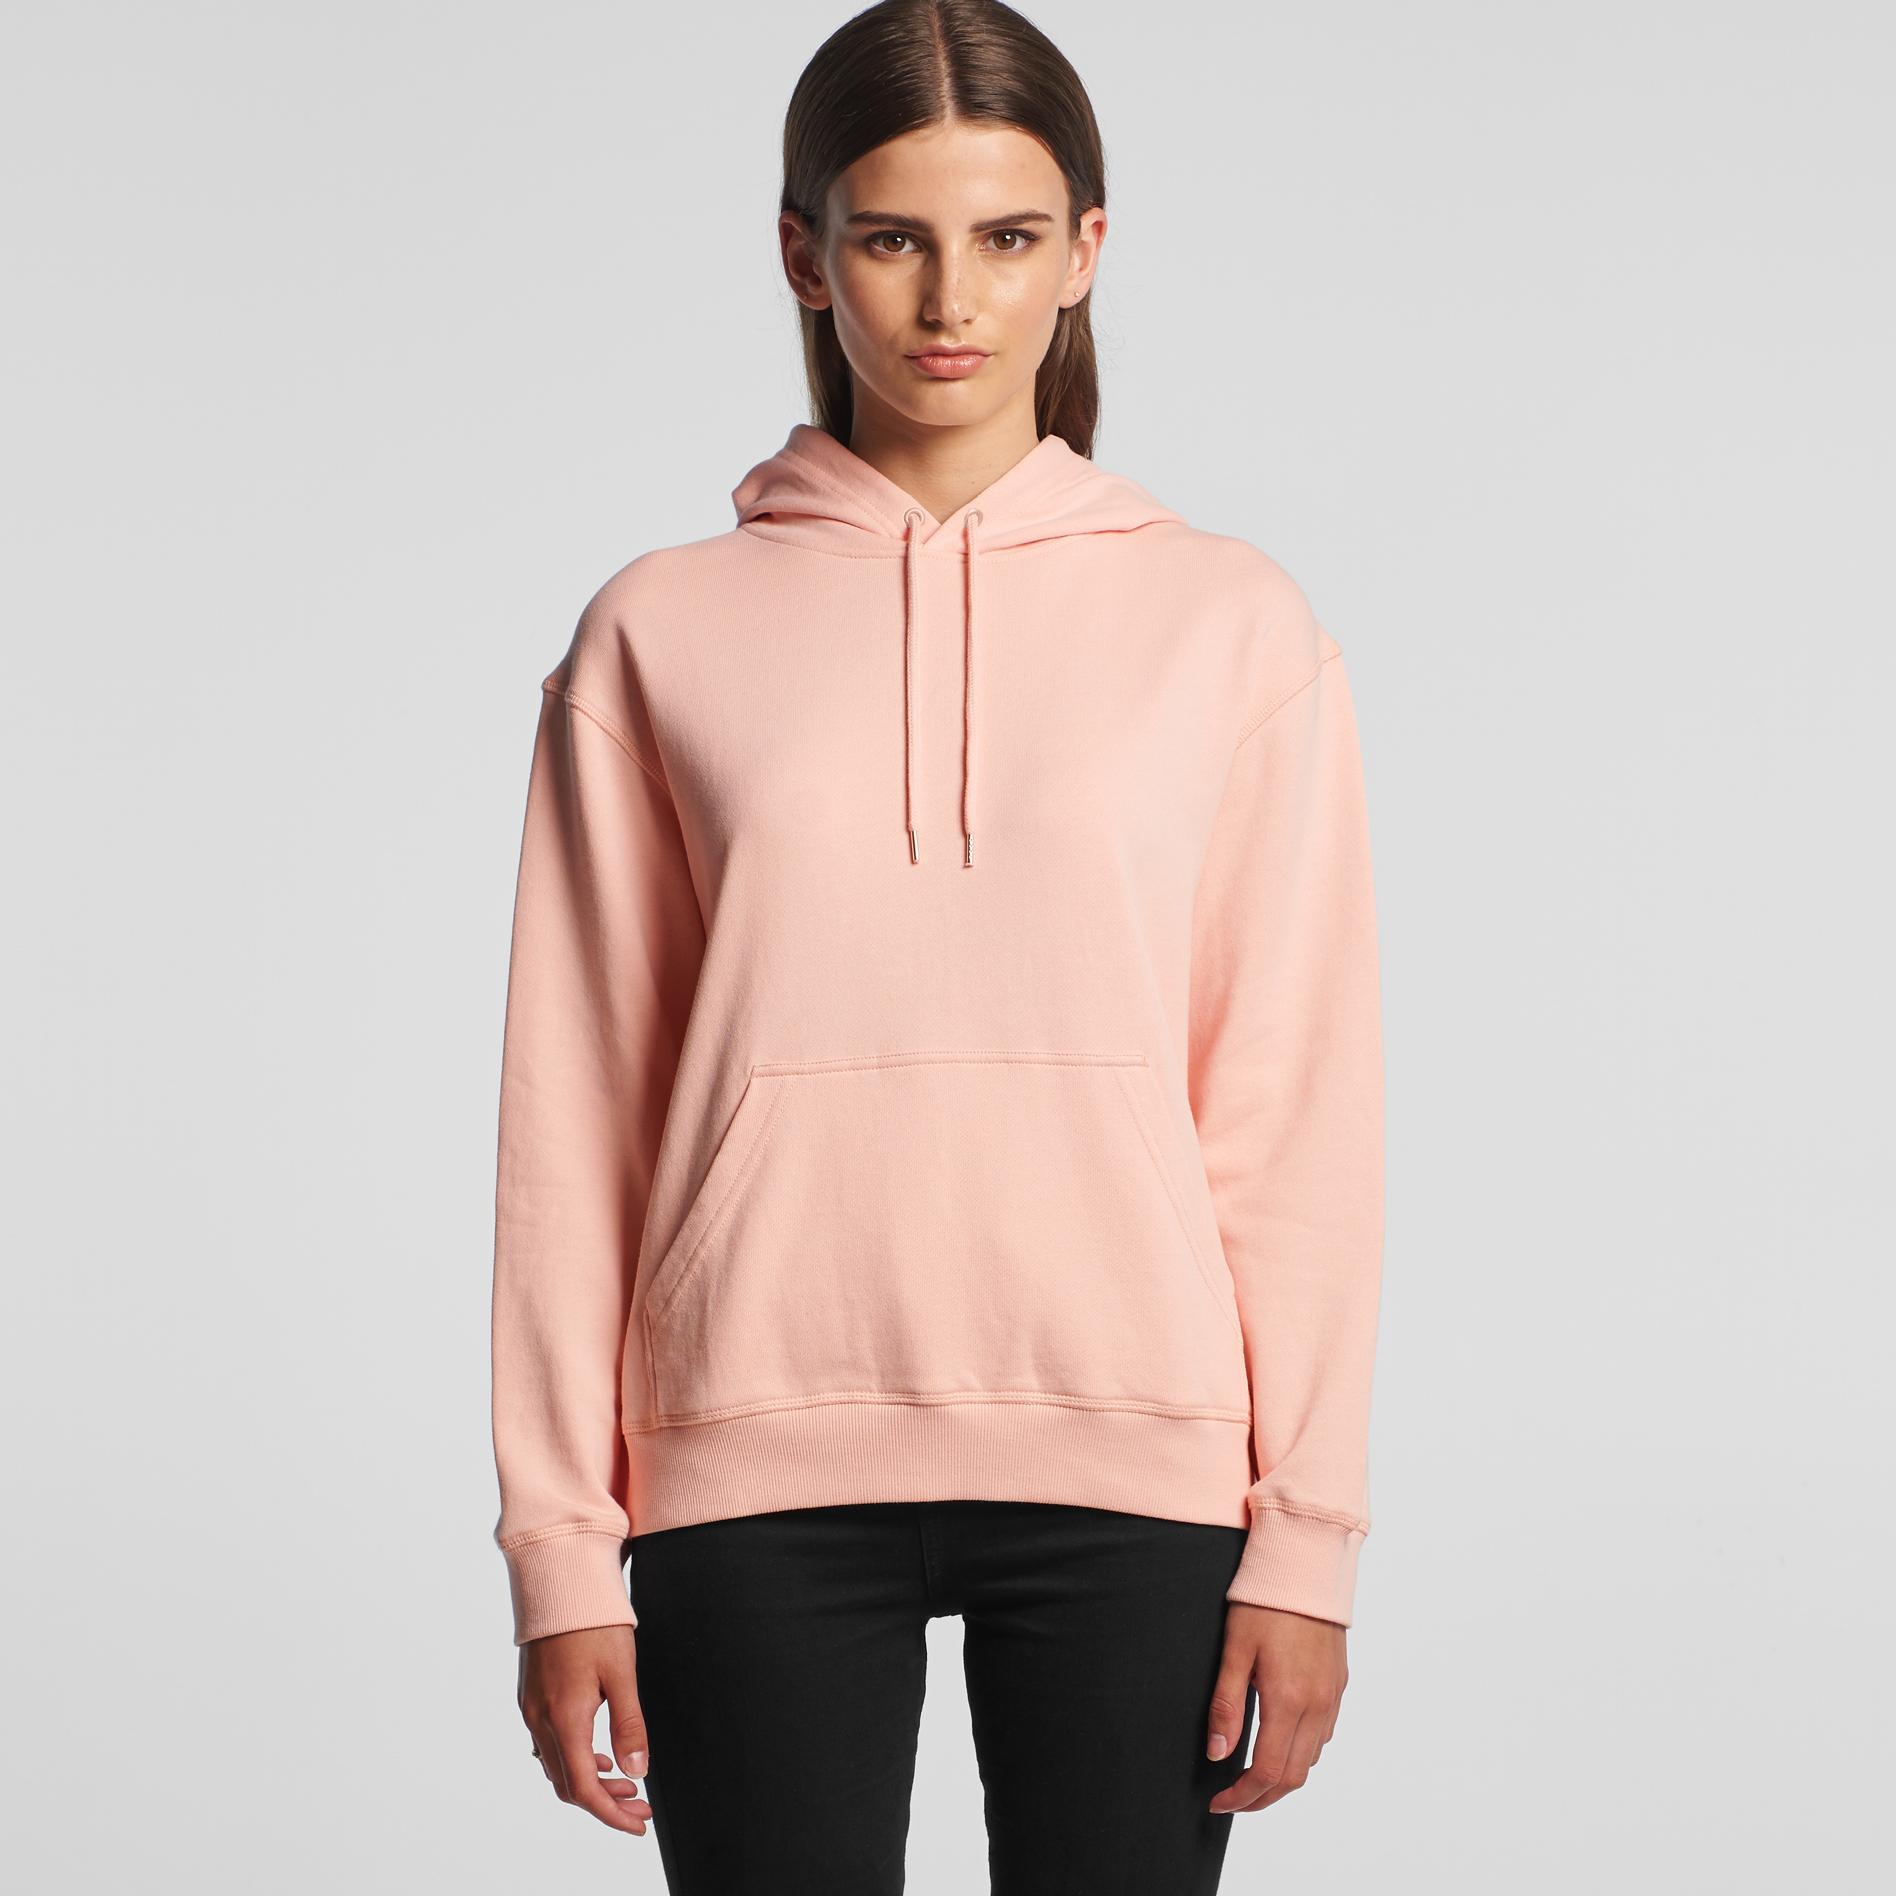 AS Colour Womens Premium Hood